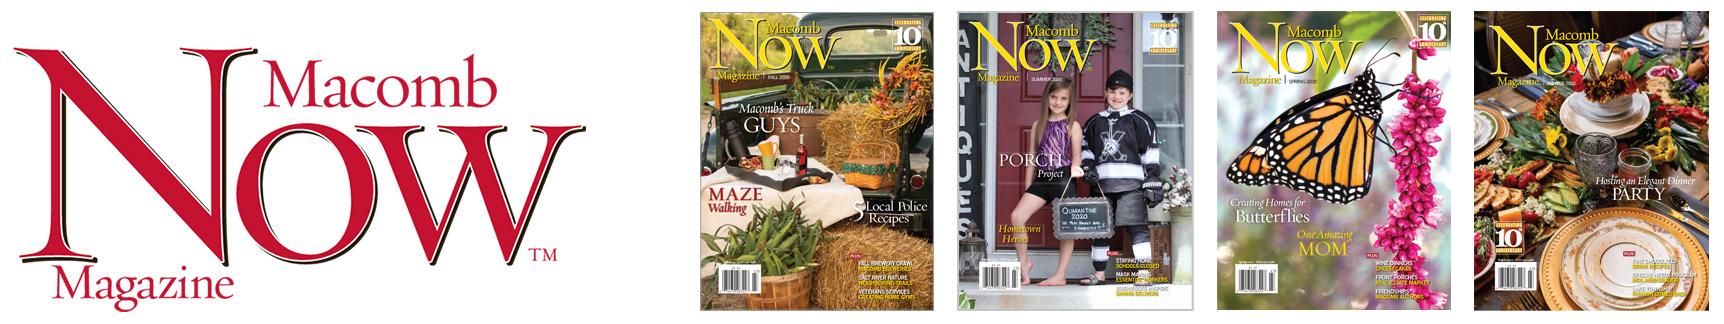 MacombNow Magazine